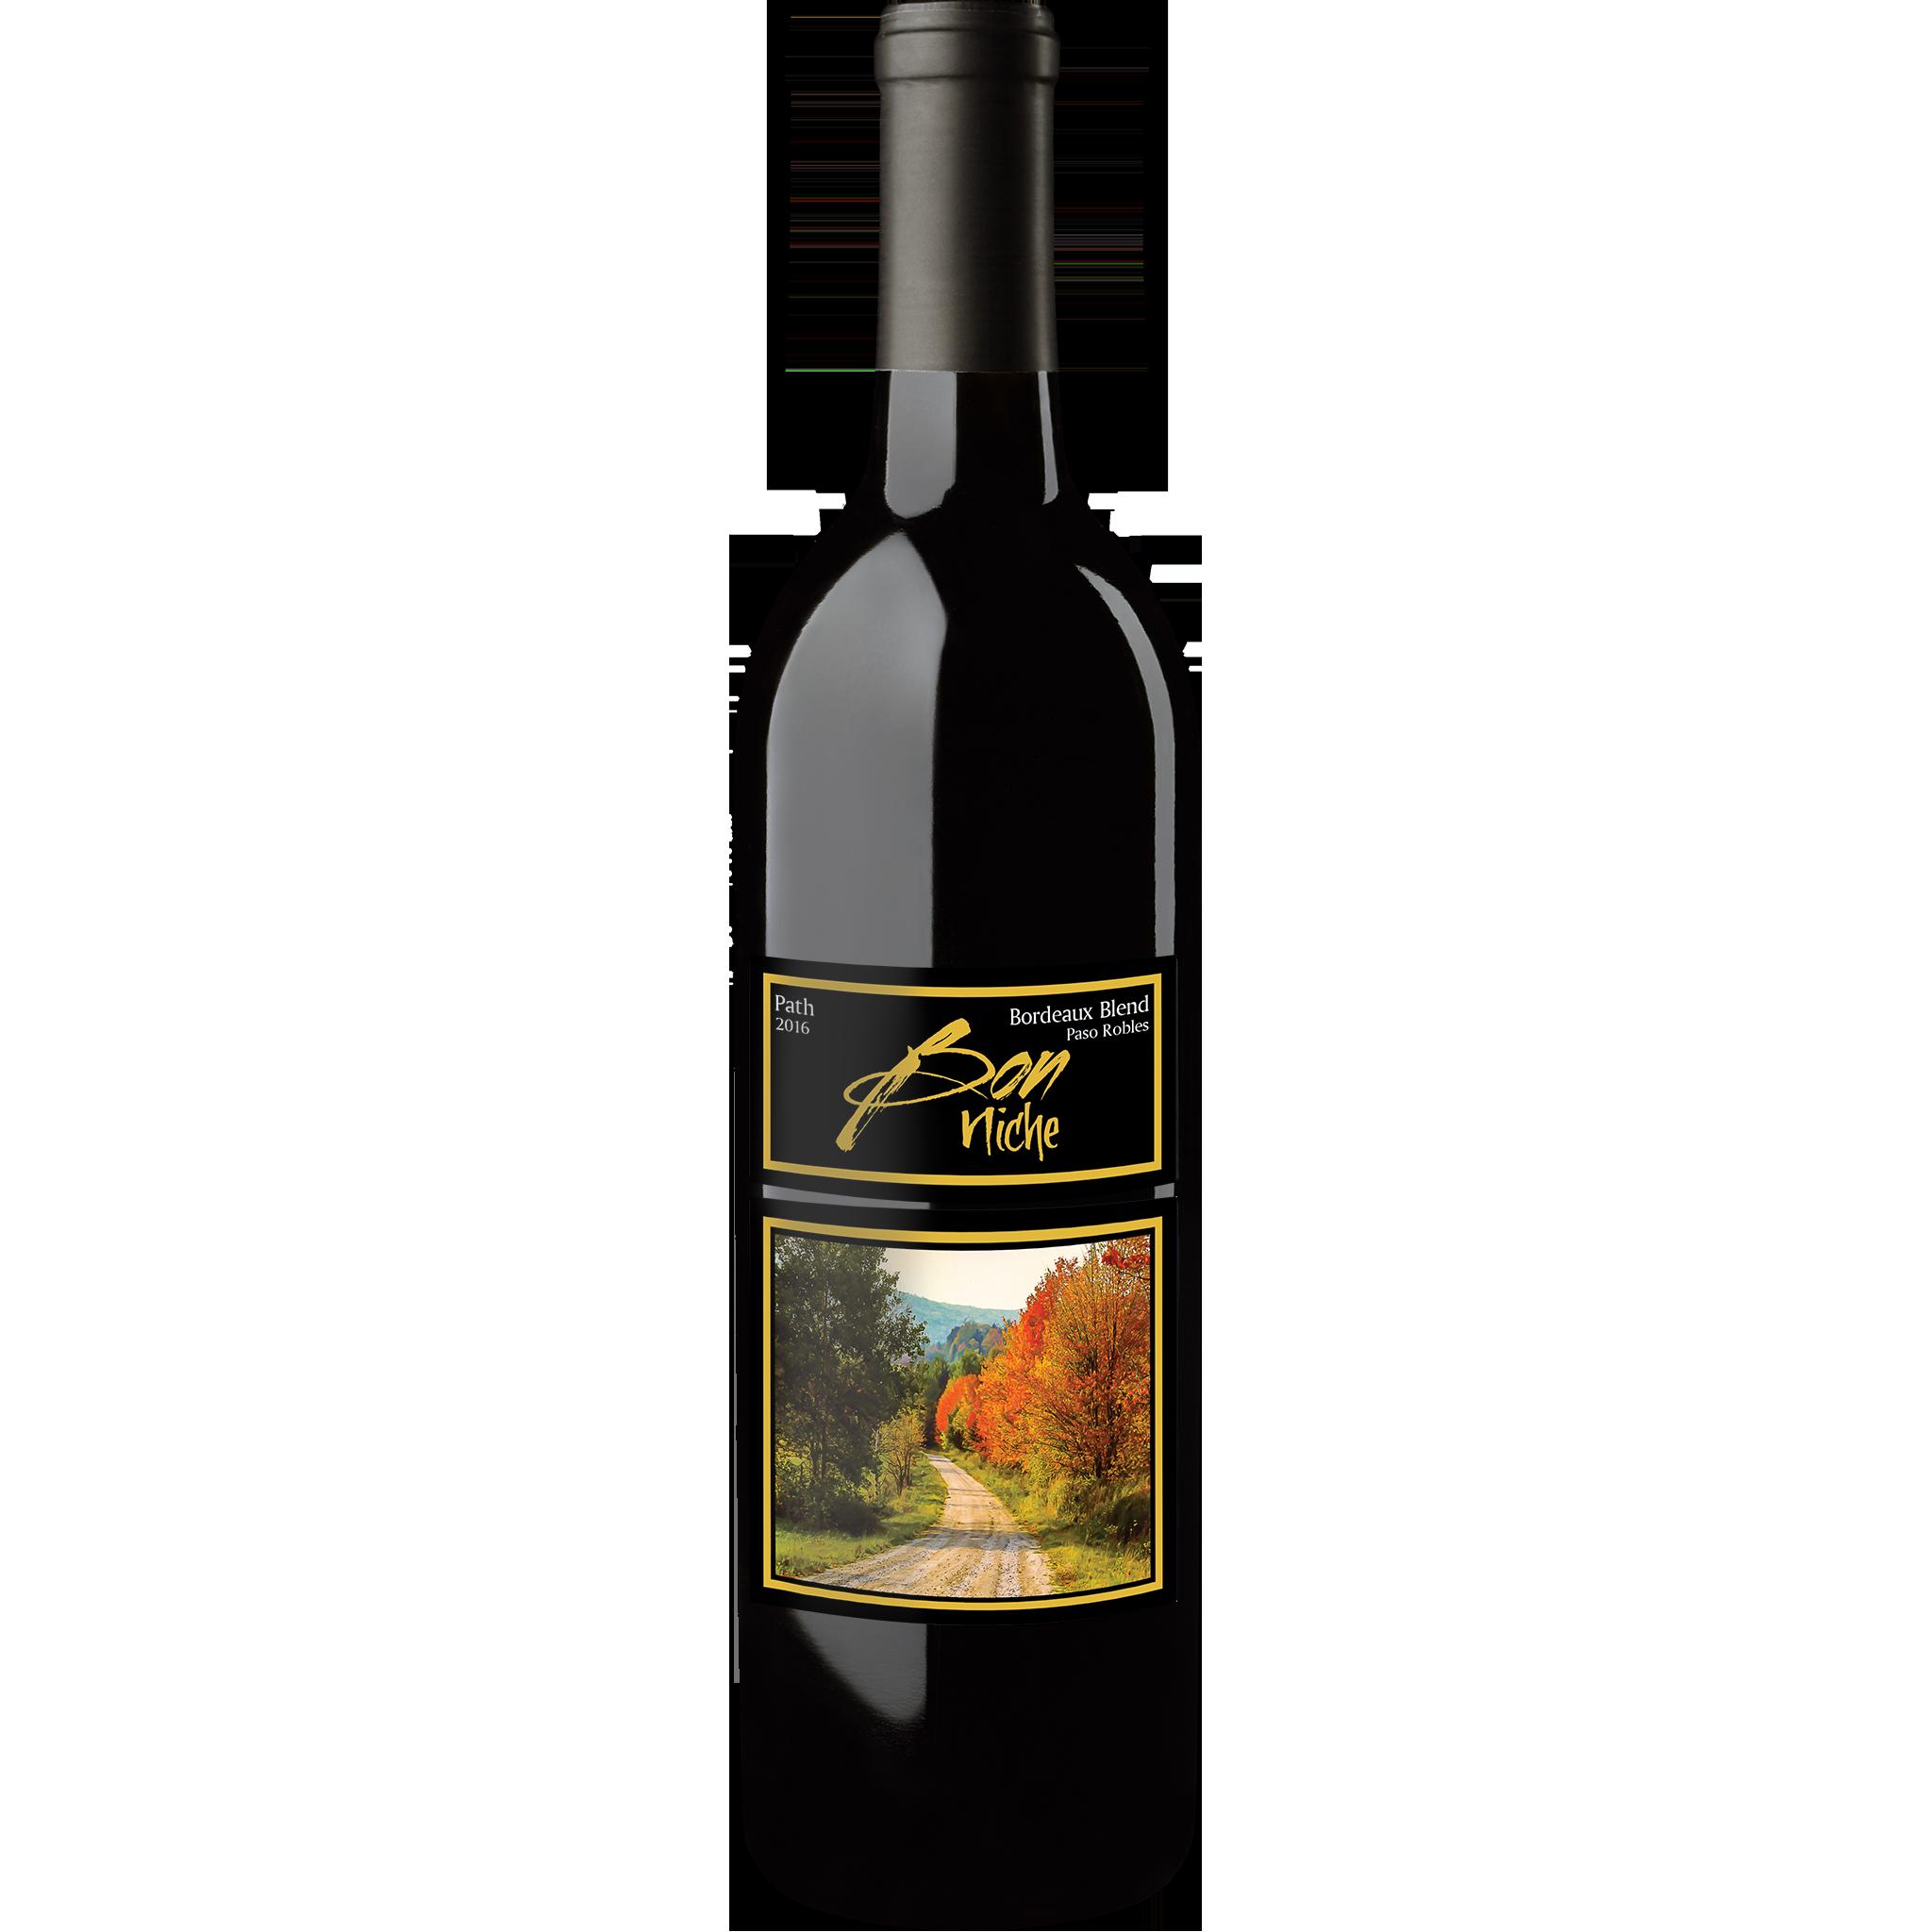 """2016 Bordeaux Style Blend """"Path"""" bottle"""